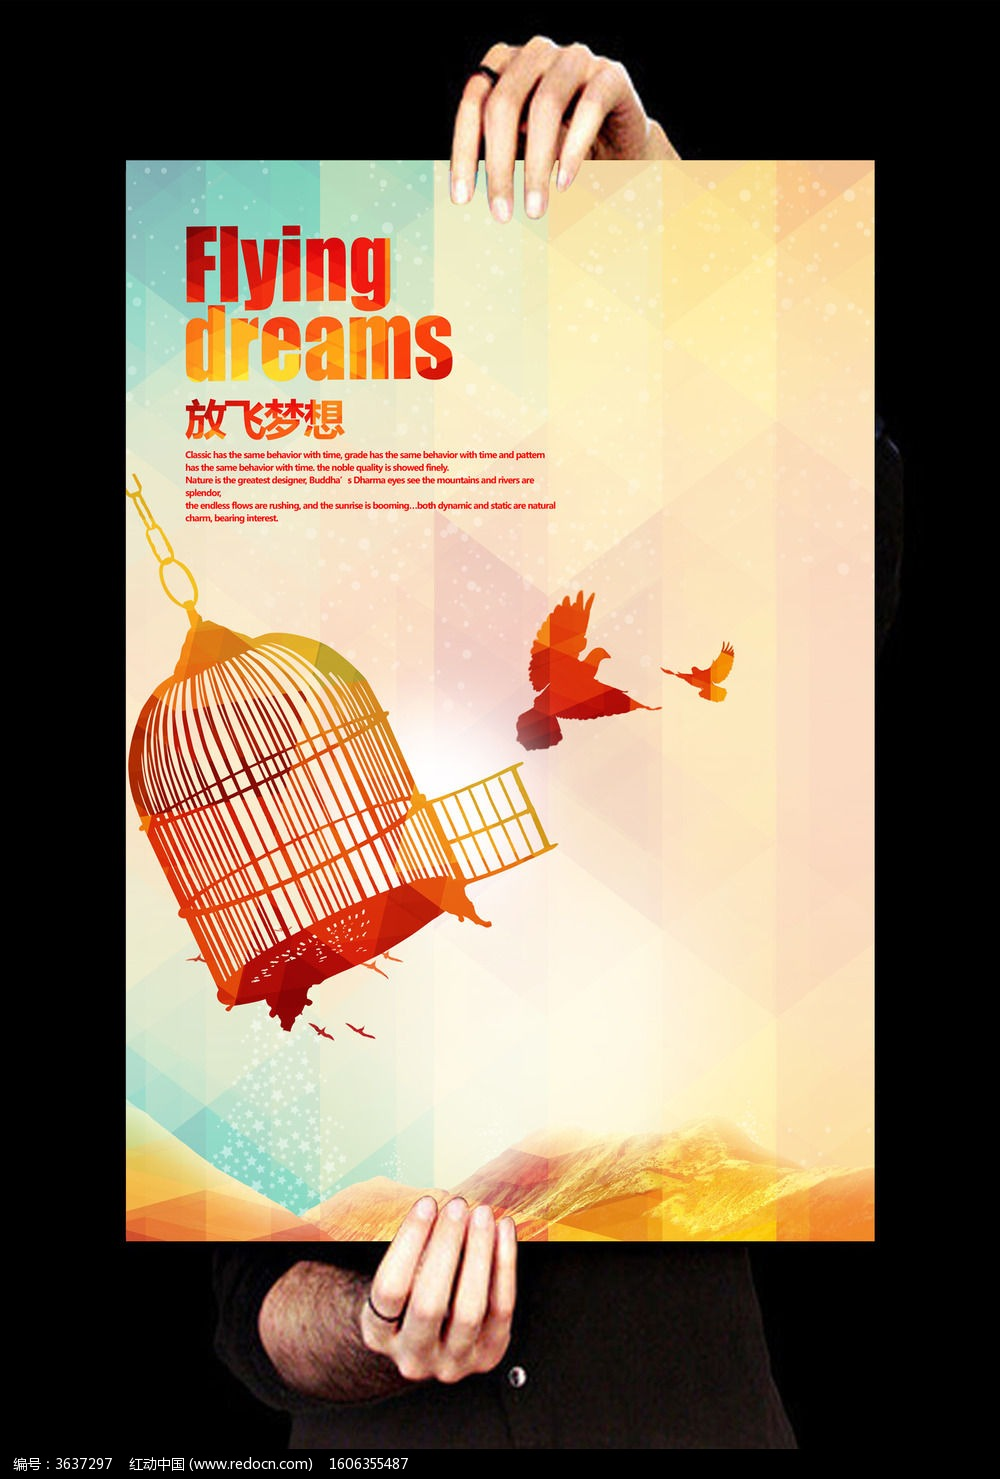 创意设计 炫彩 色彩 时尚 创意 创新 放飞 飞翔 自由 年轻梦 放飞梦想图片